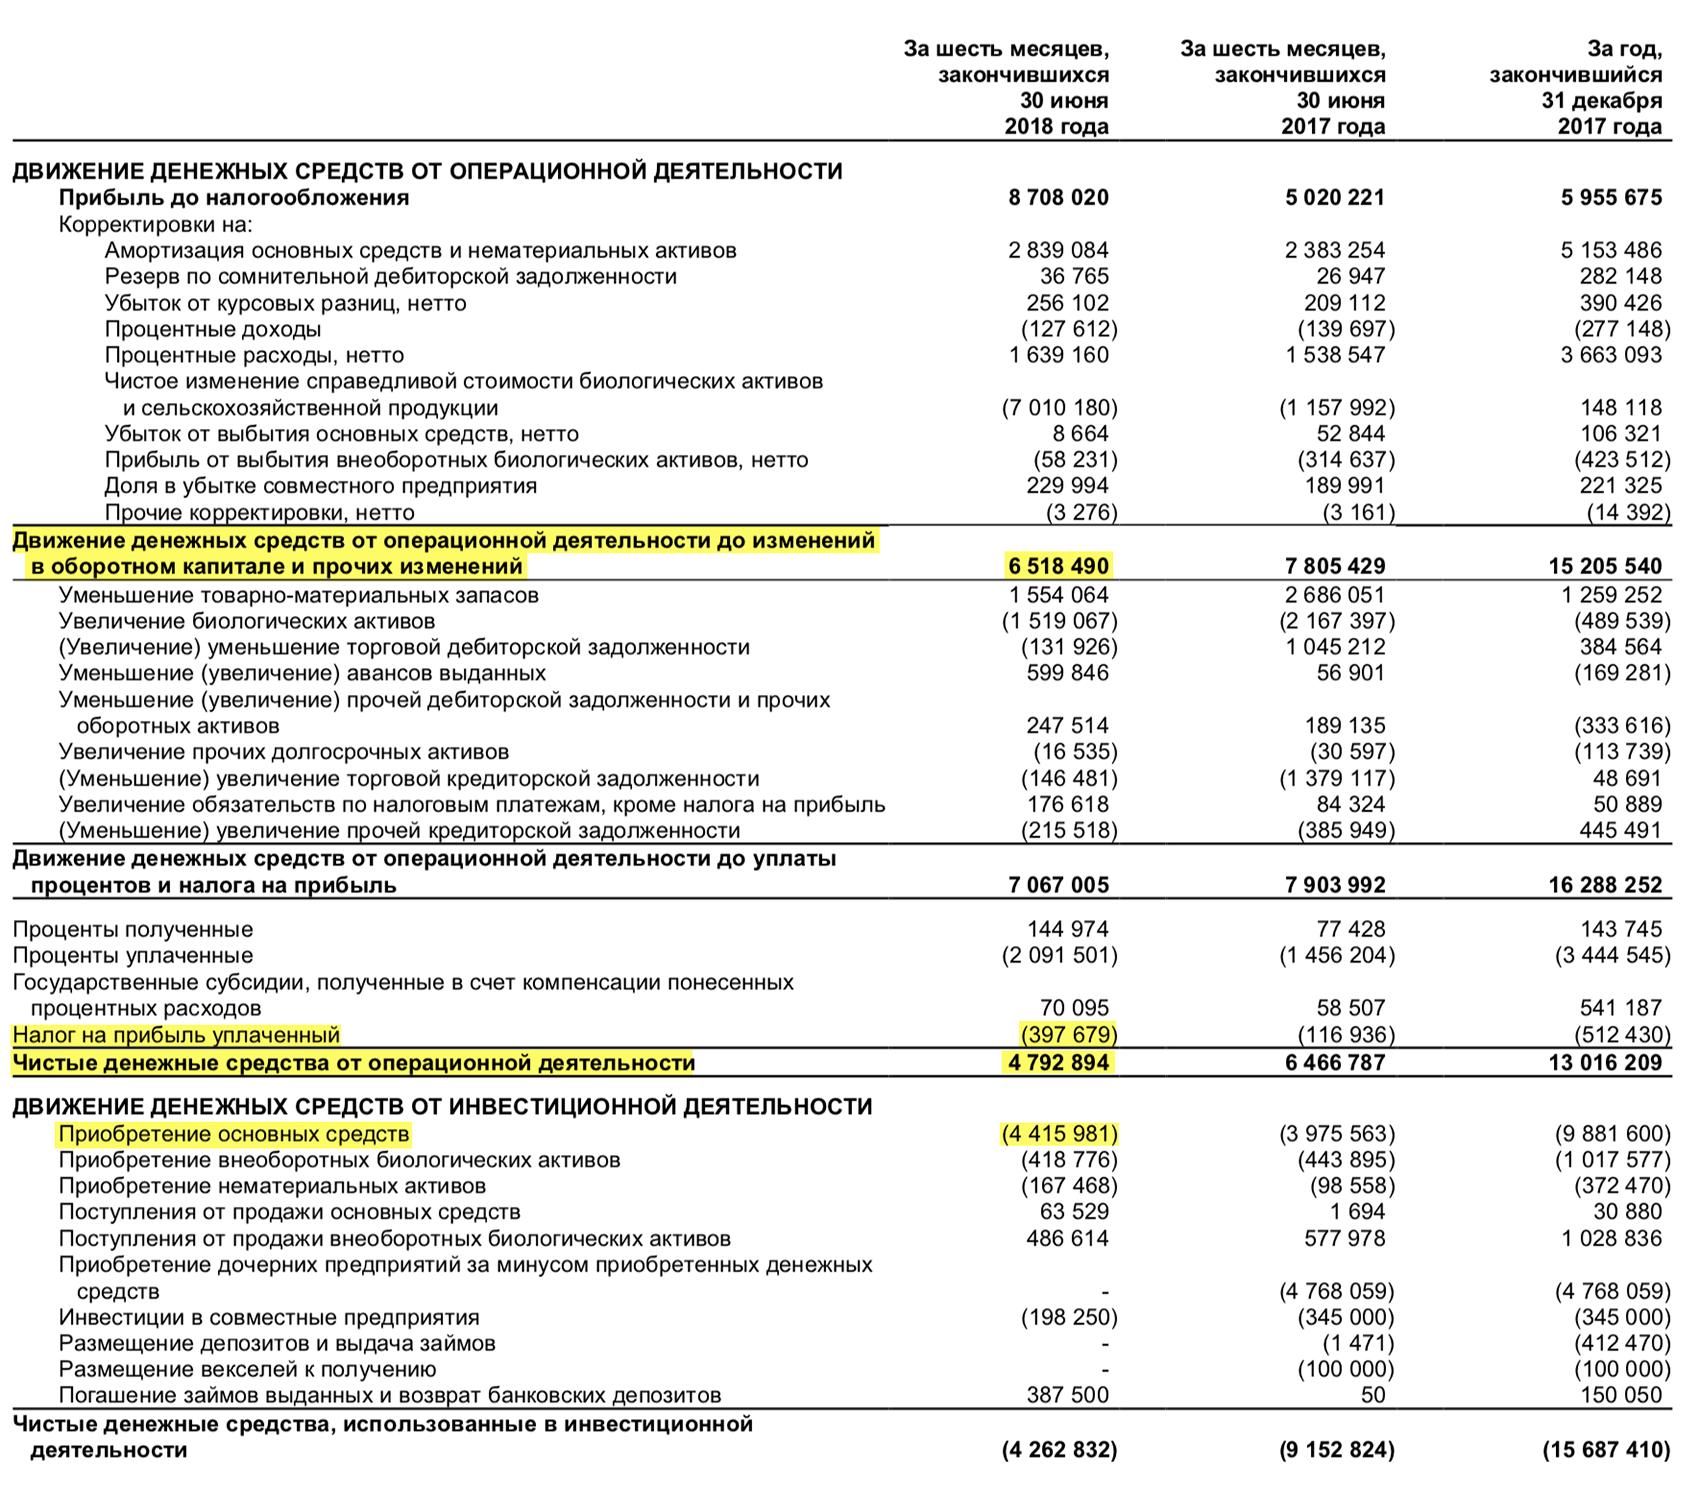 Отчет о движении денежных средств «Черкизово» за 1 полугодие 2018 года, стр. 7